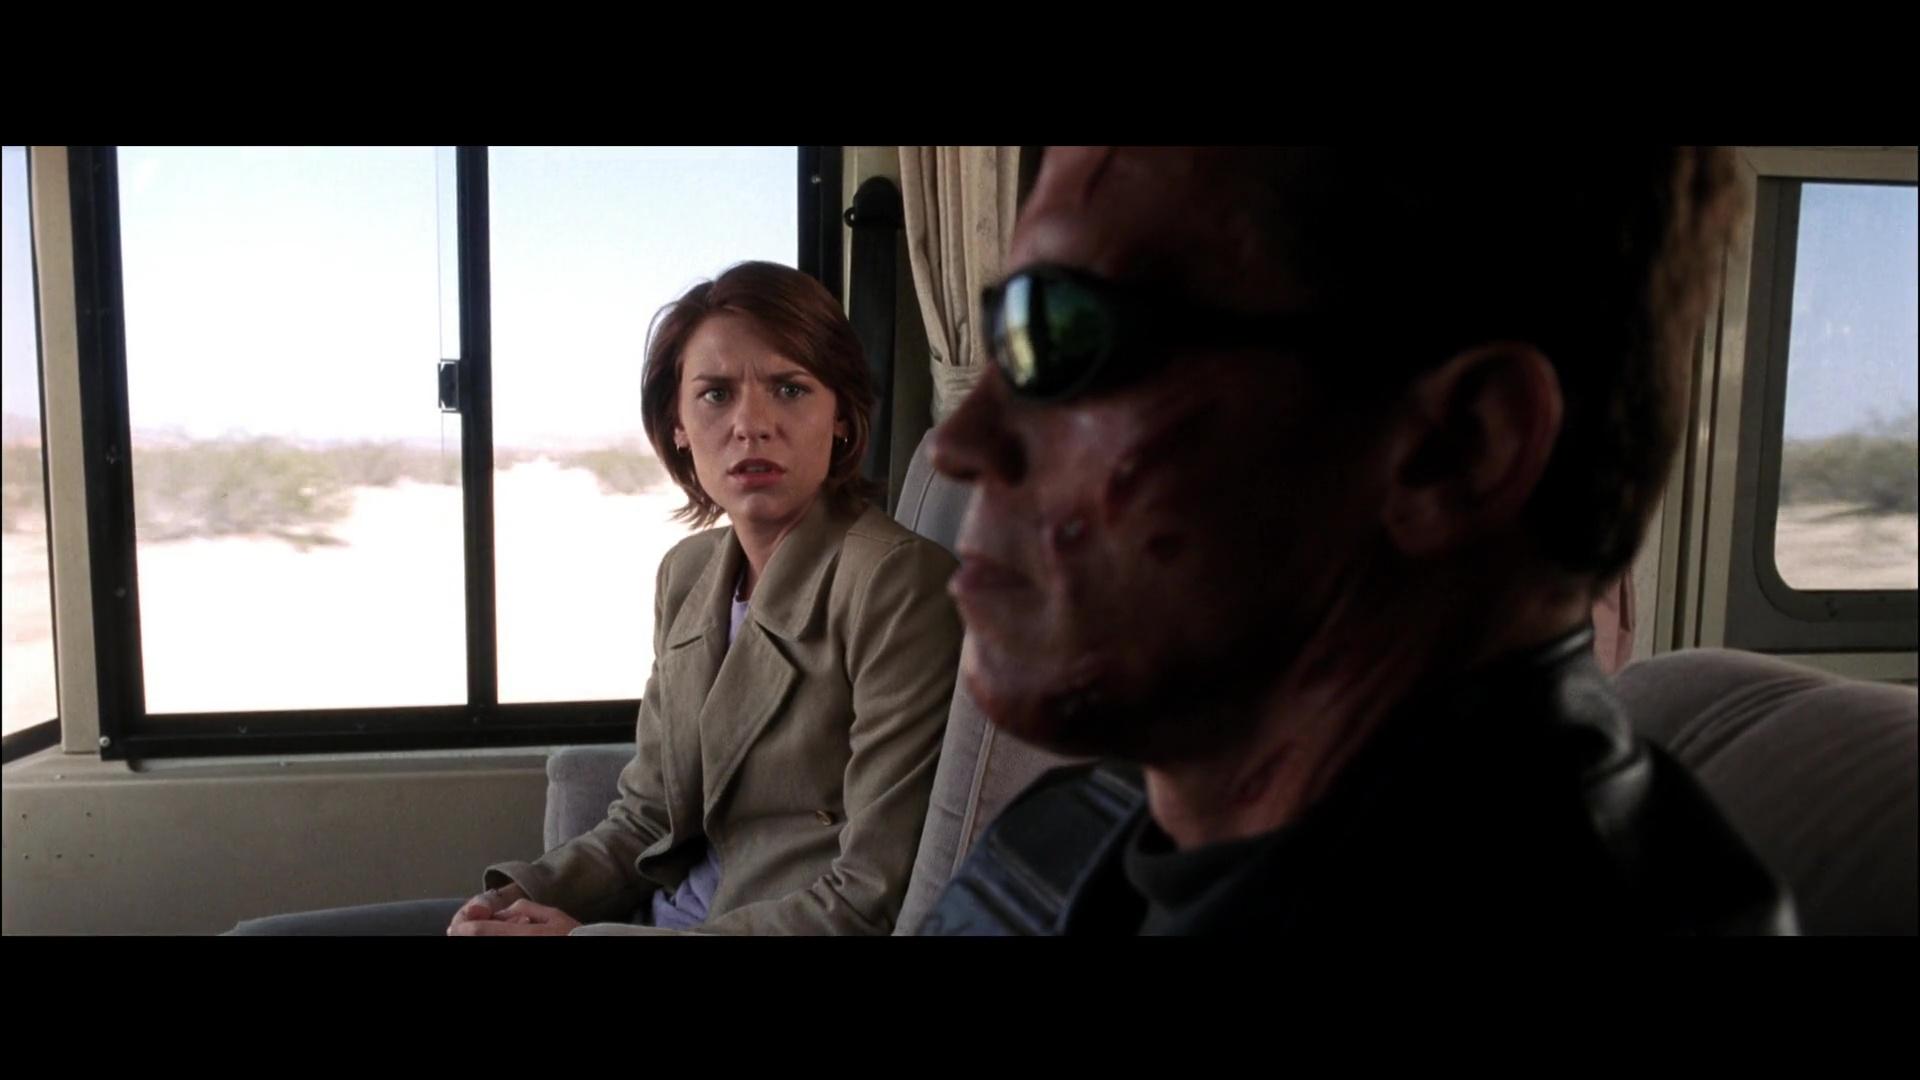 El Exterminador 3 1080p Lat-Cast-Ing 5.1 (2003)